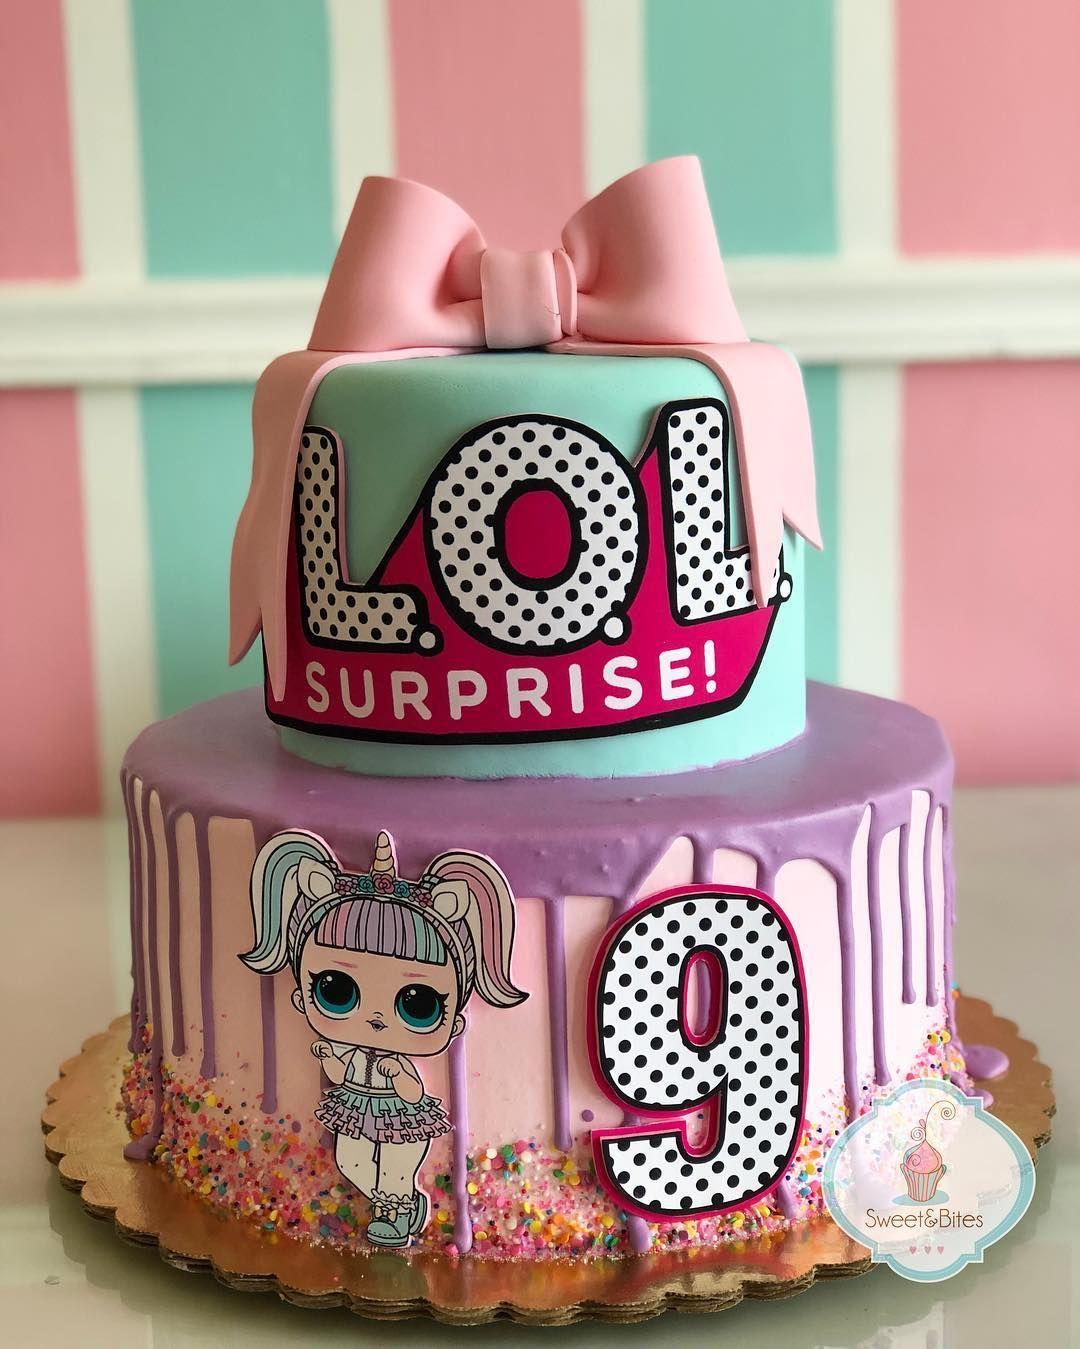 Lol surprise cake para uno de los cumples suuuper chulos